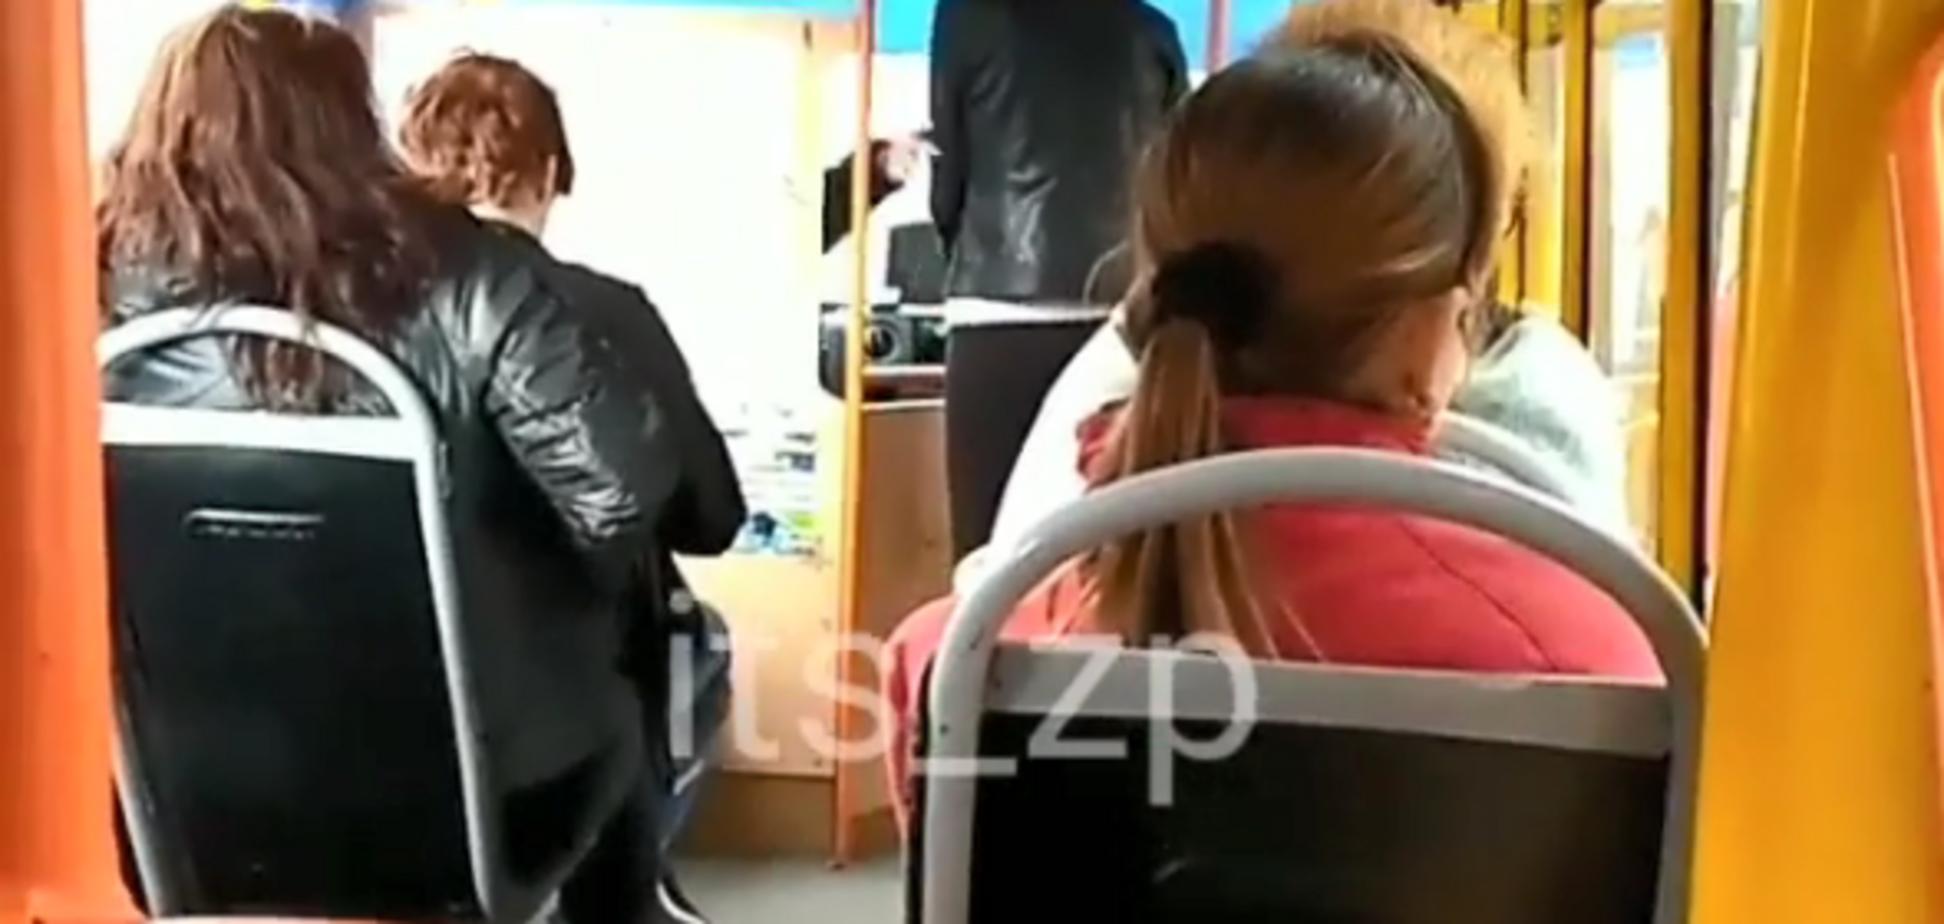 'Вийдіть на х**!' У мережі показали хамське спілкування водія зі студентами